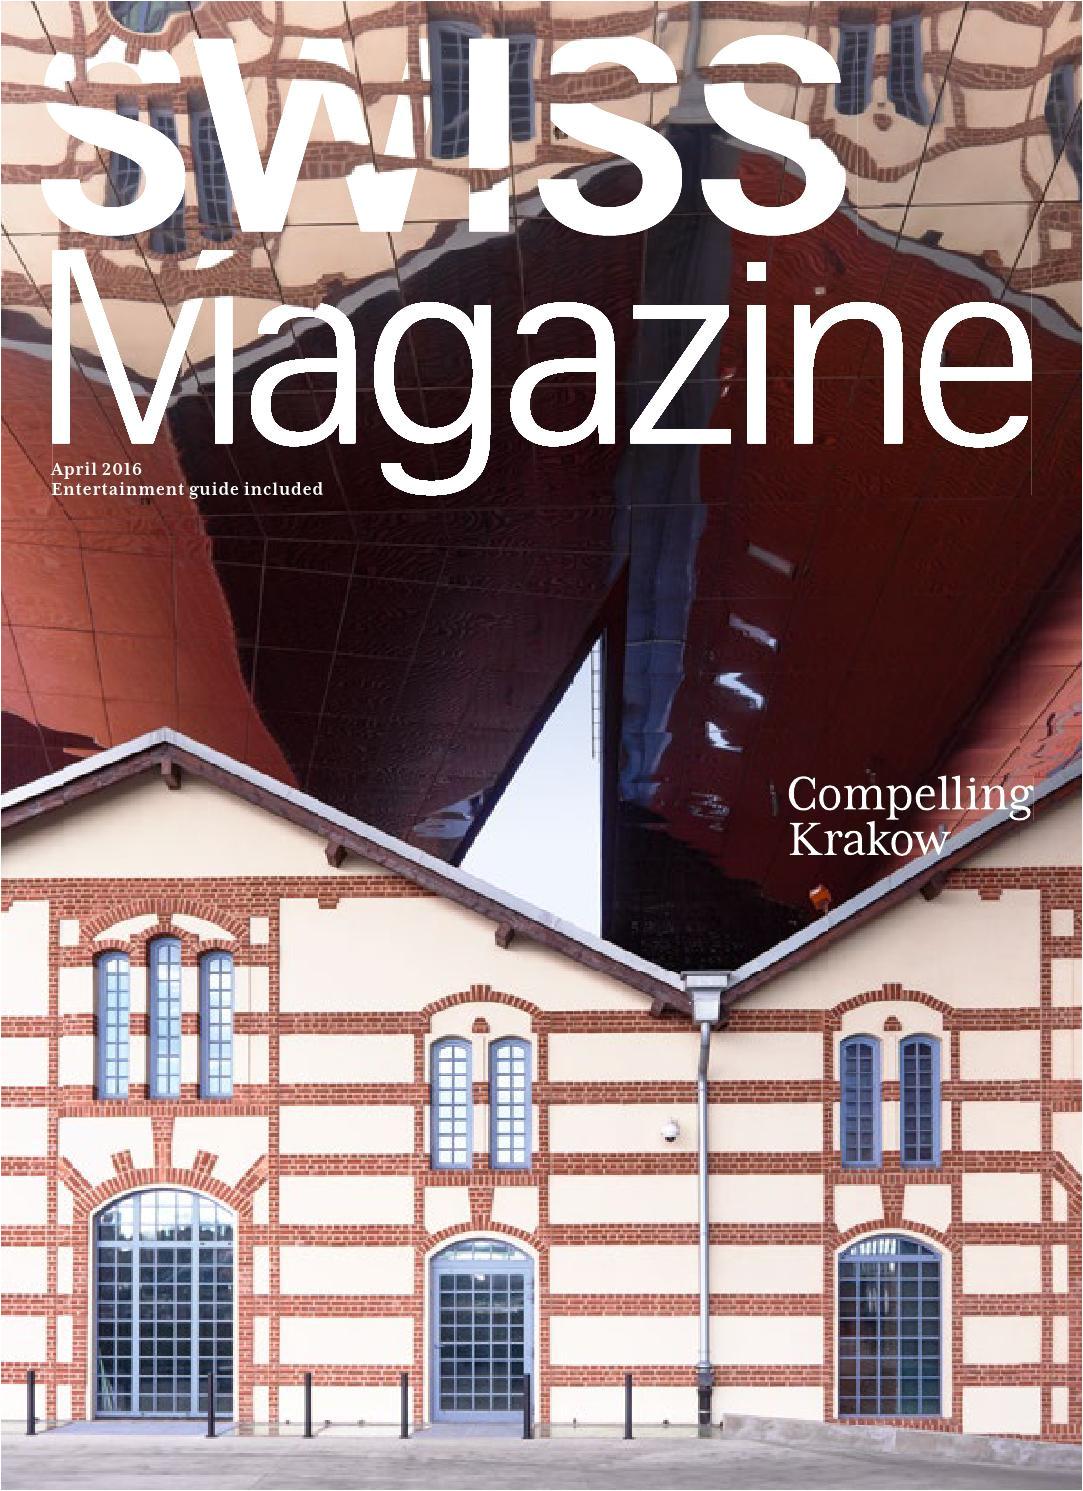 swiss magazine april 2016 krakow by inflight magazines by swiss issuu